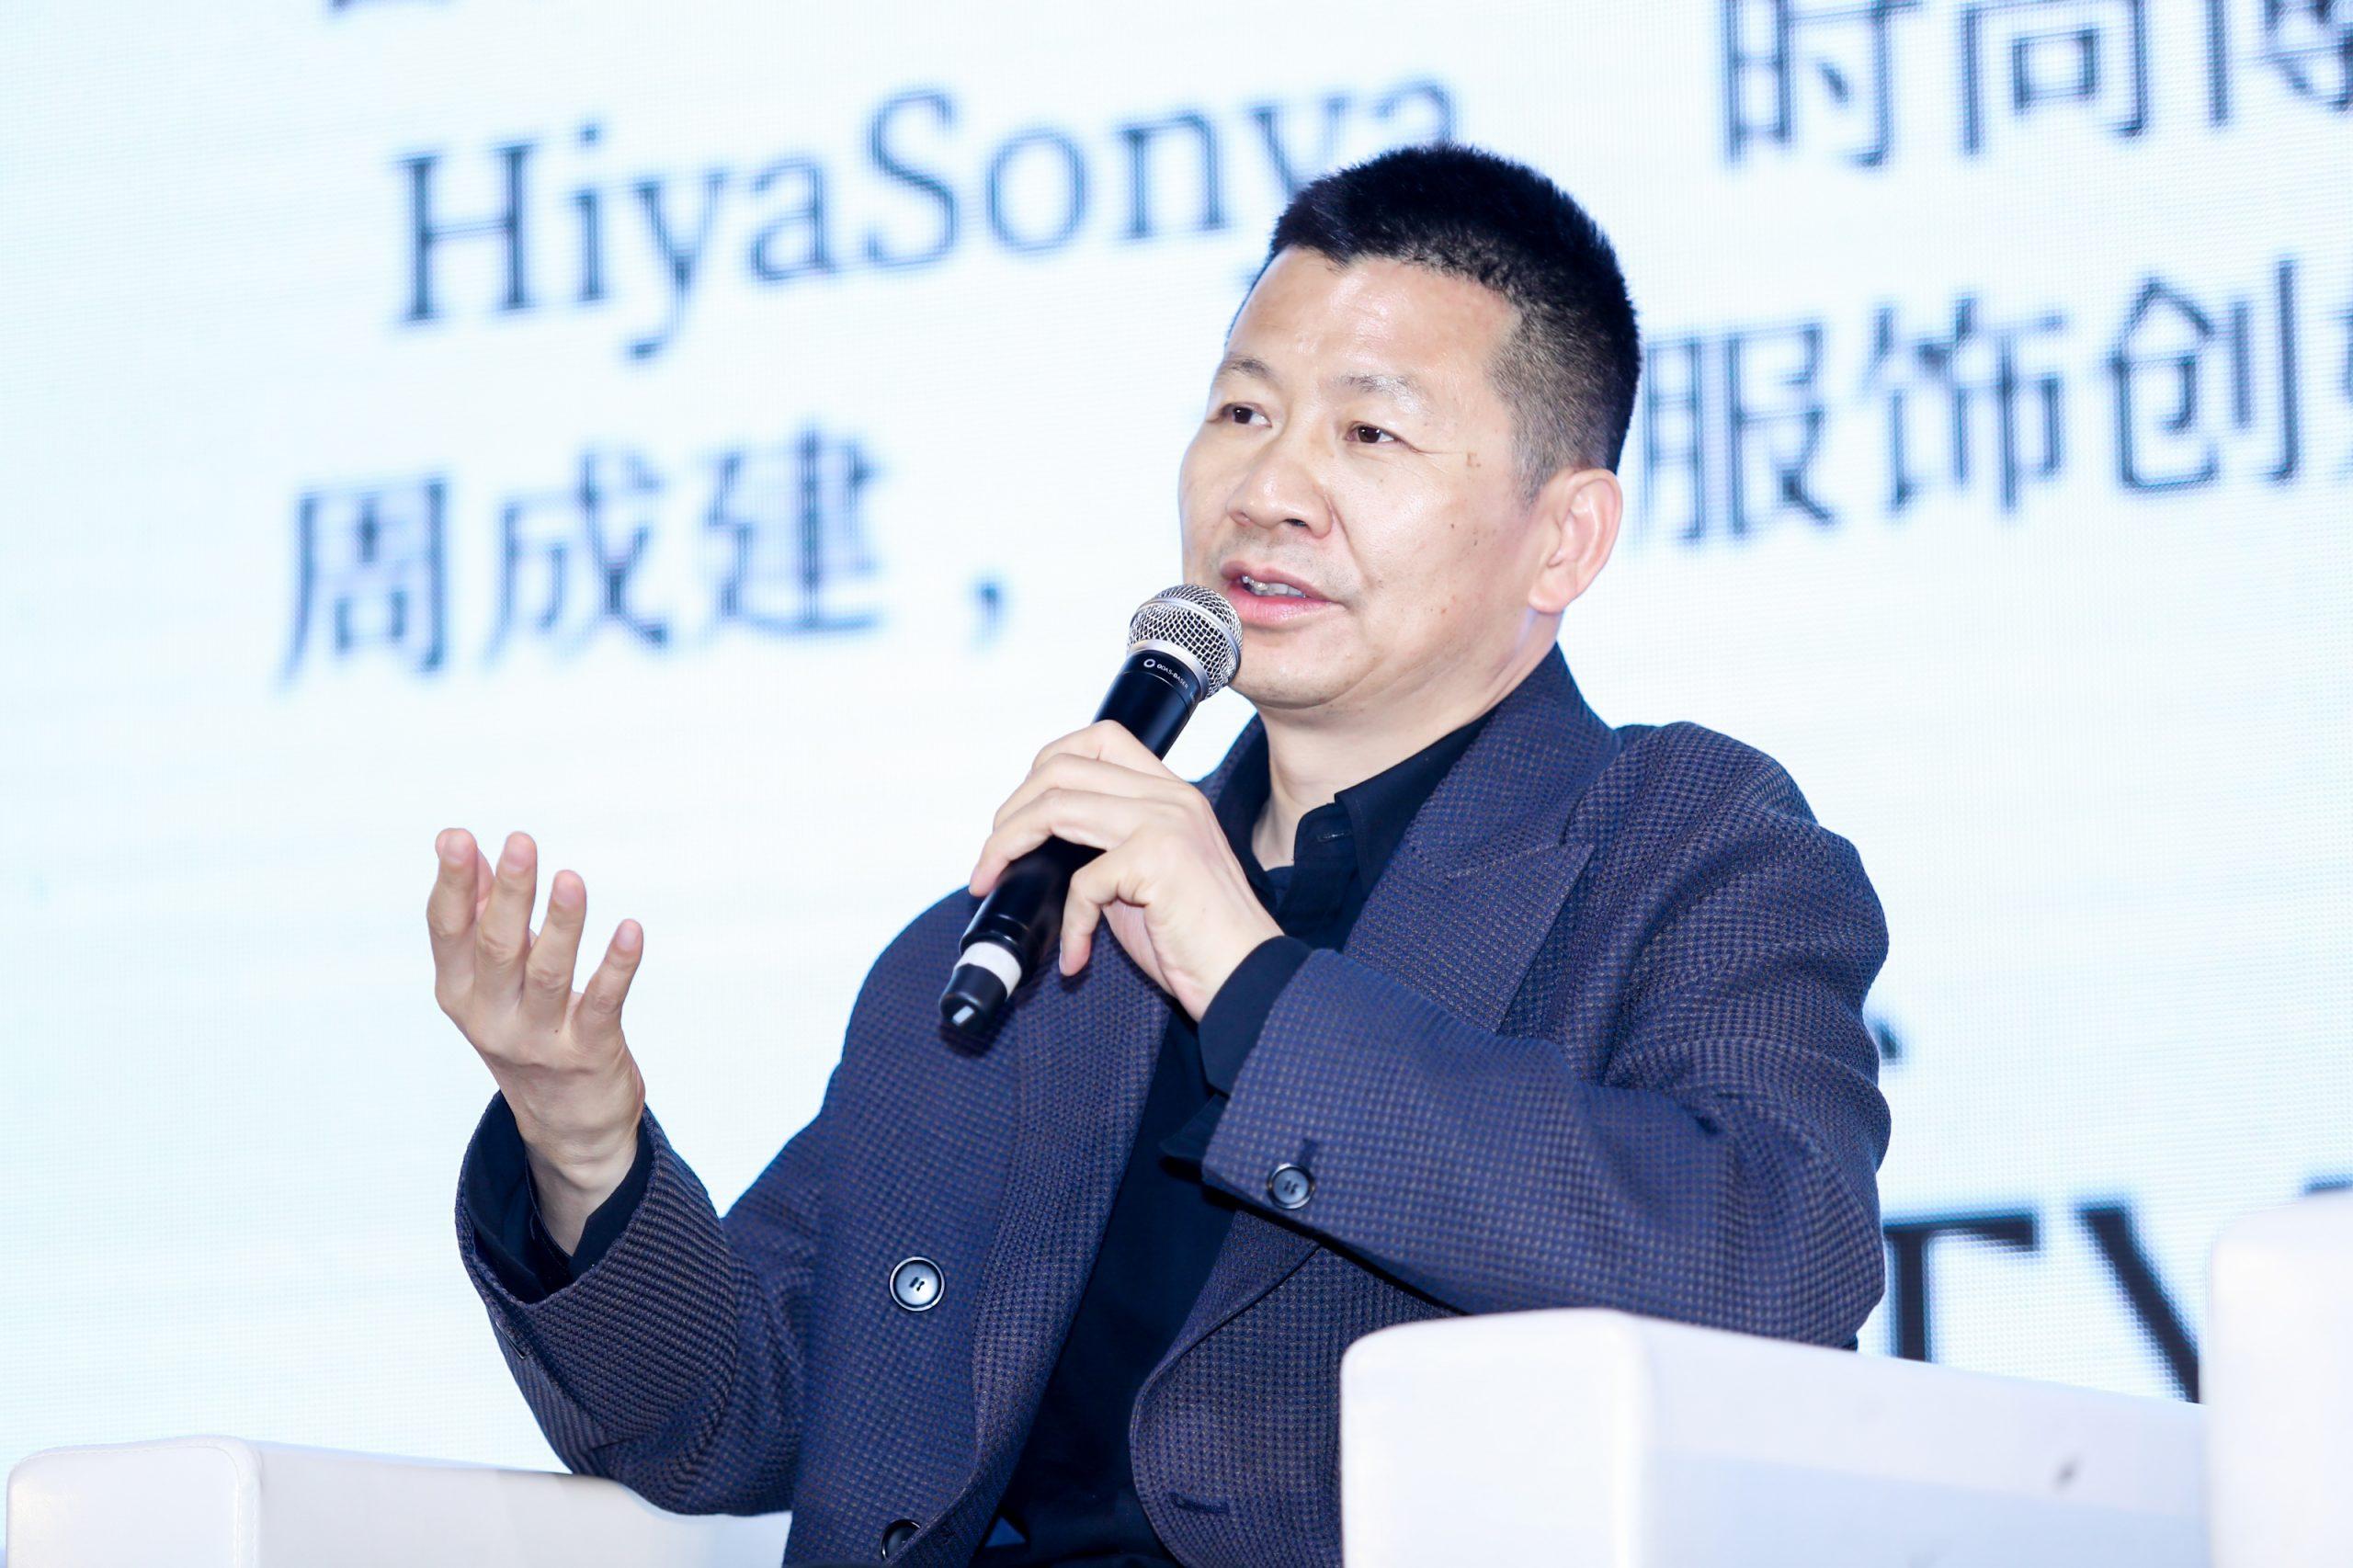 """创业25年后再出发,周成建如何思考""""中国的新奢品牌""""?《华丽志》独家对话 MECITY创始人周成建"""